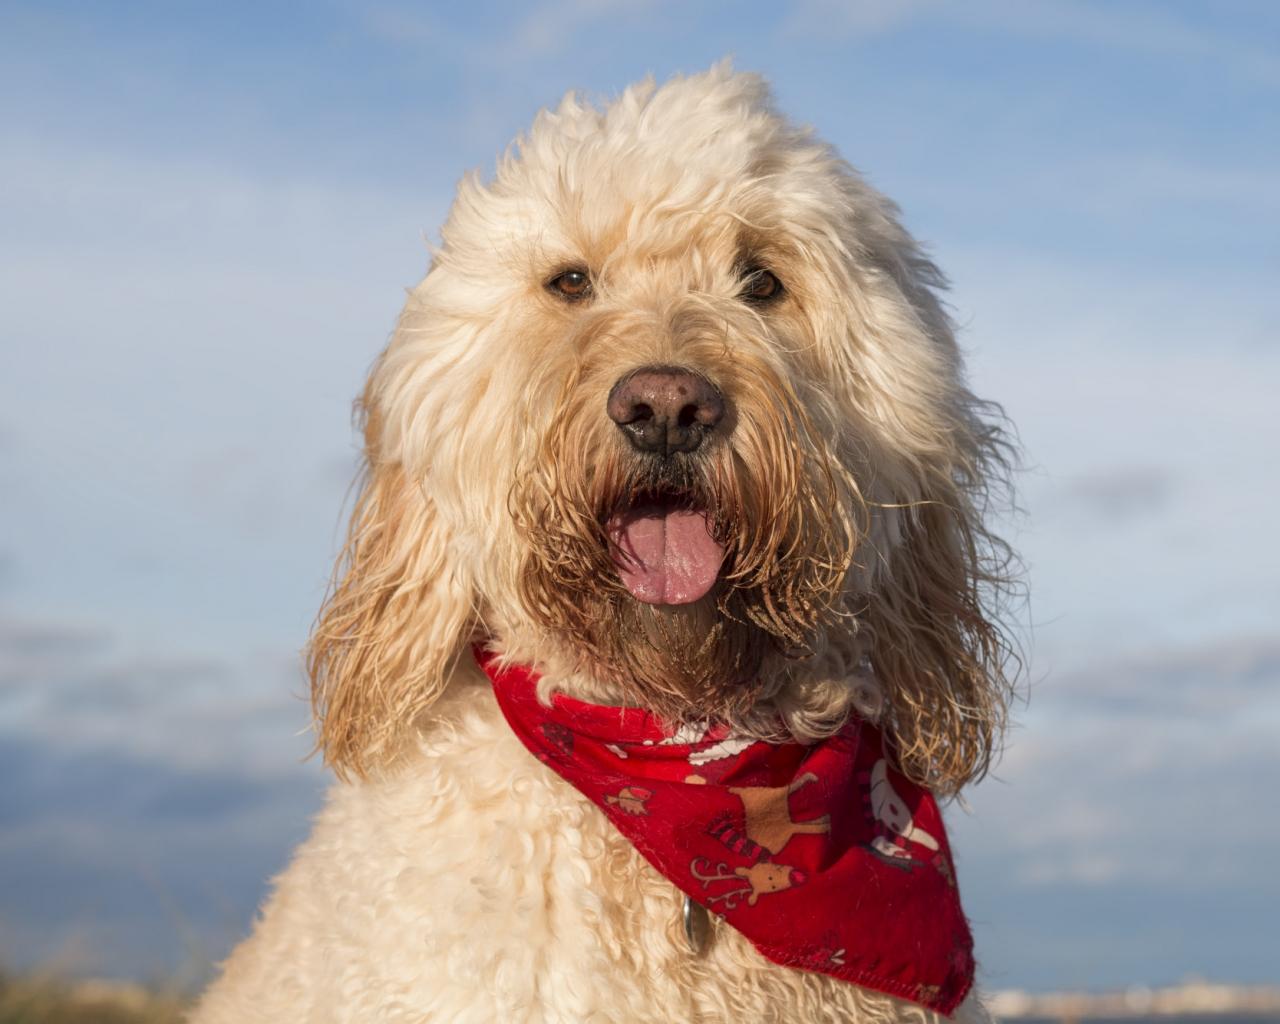 Fotografías de perros - 1280x1024